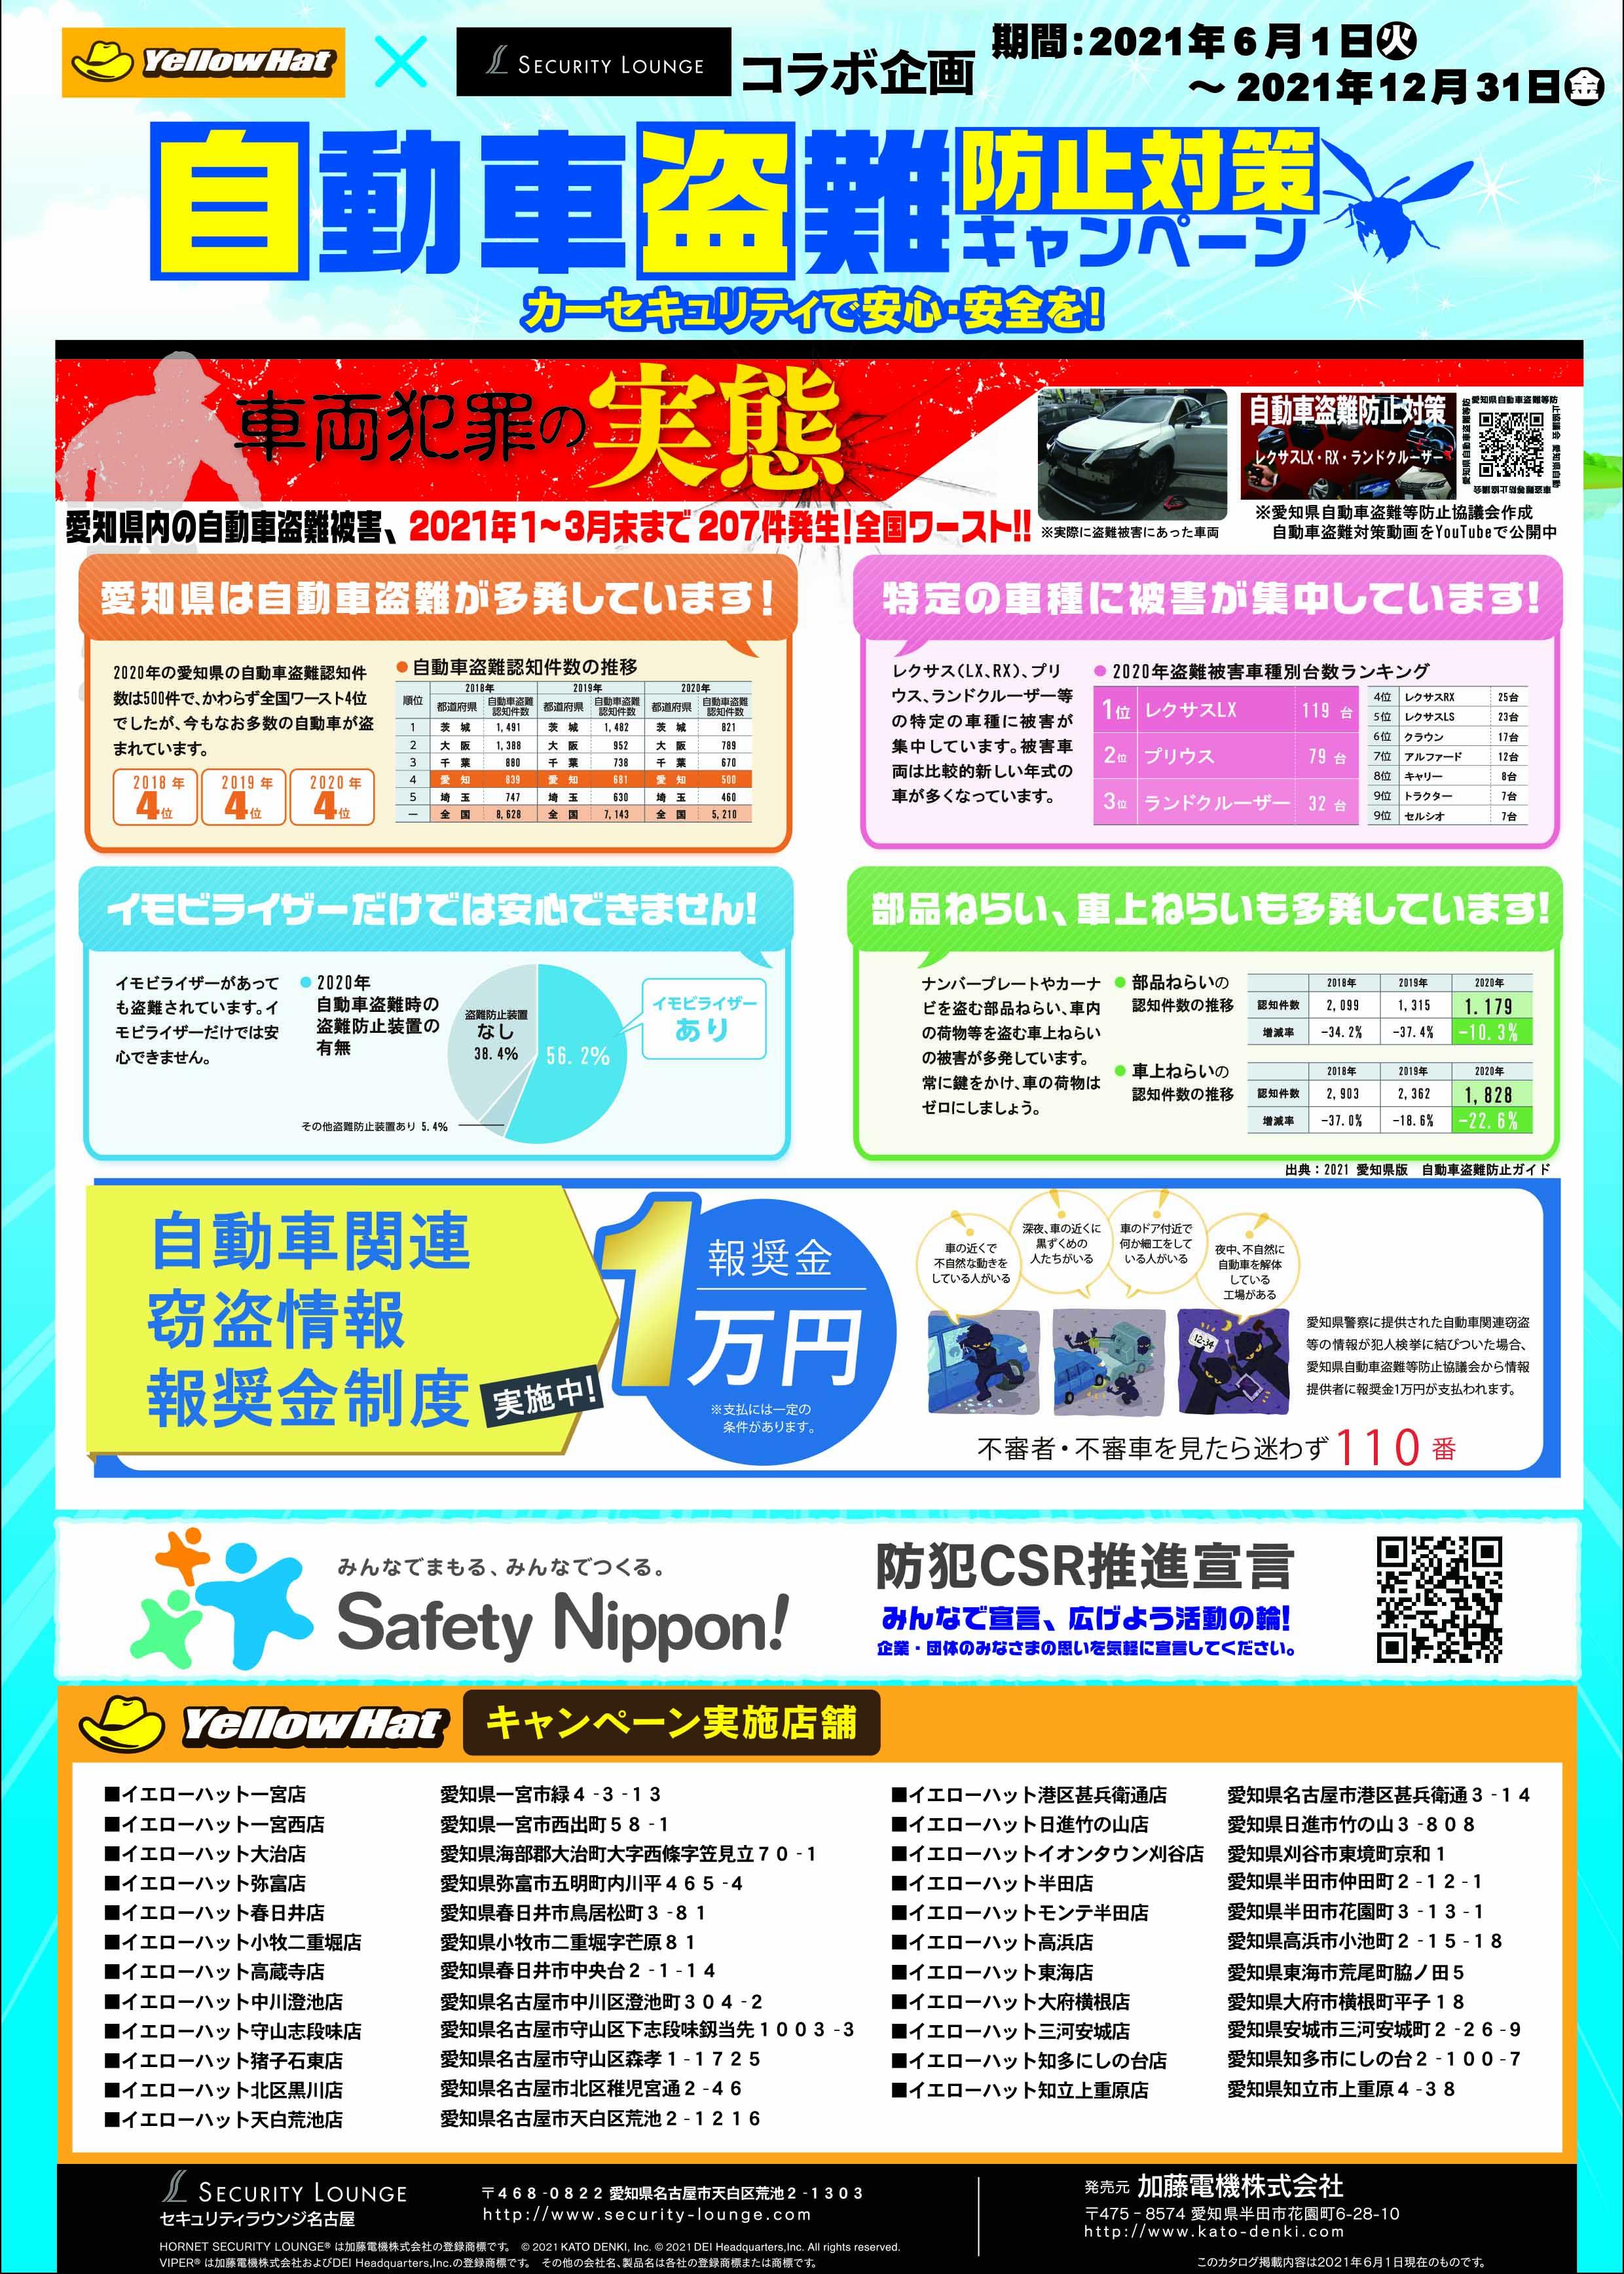 自動車盗難防止対策キャンペーン